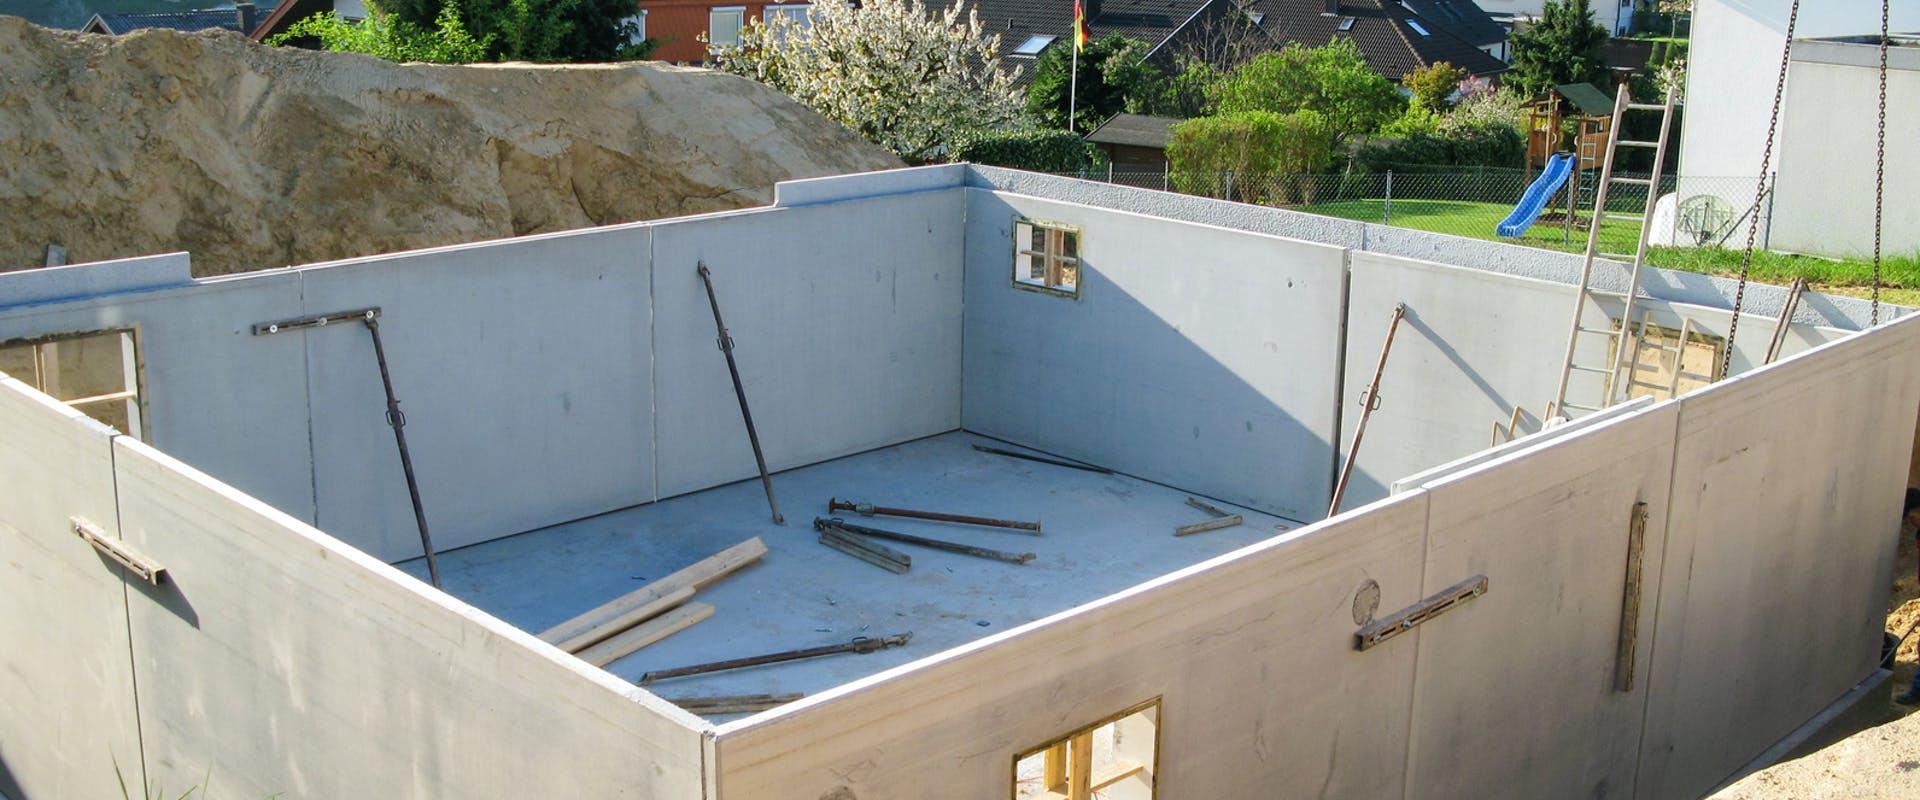 Was ist beim Kellerbau zu beachten? | Fertighaus.de Ratgeber